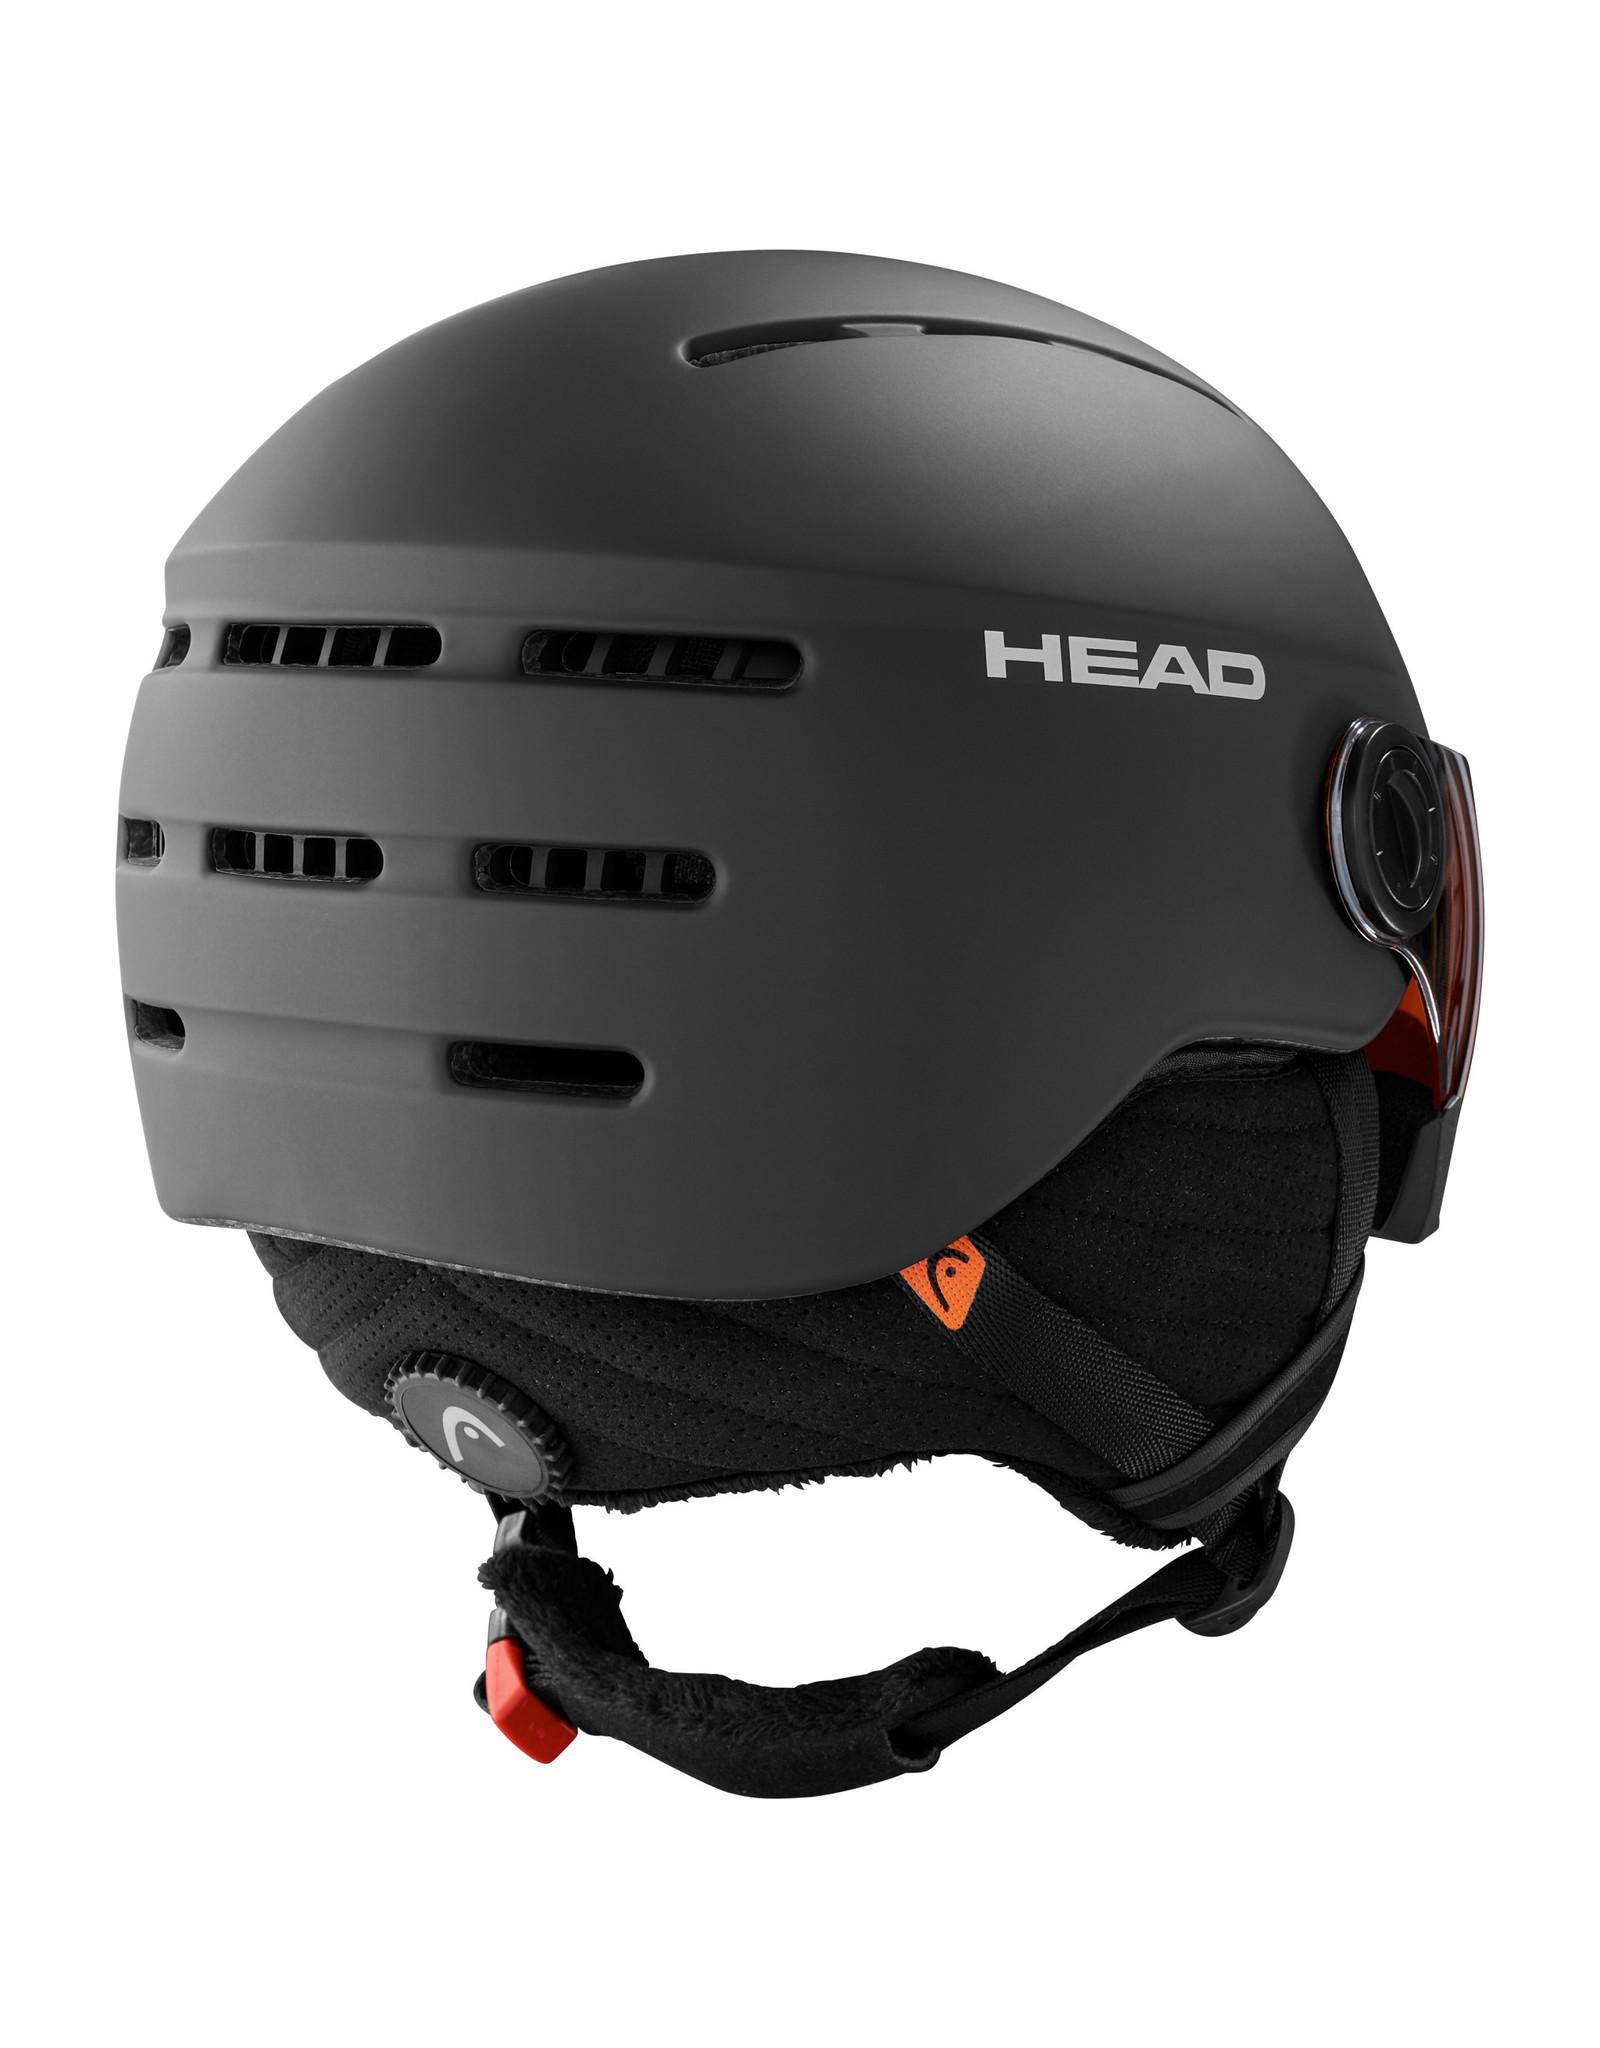 HEAD HEAD KNIGHT BLACK 20 CASQUE DE SKI